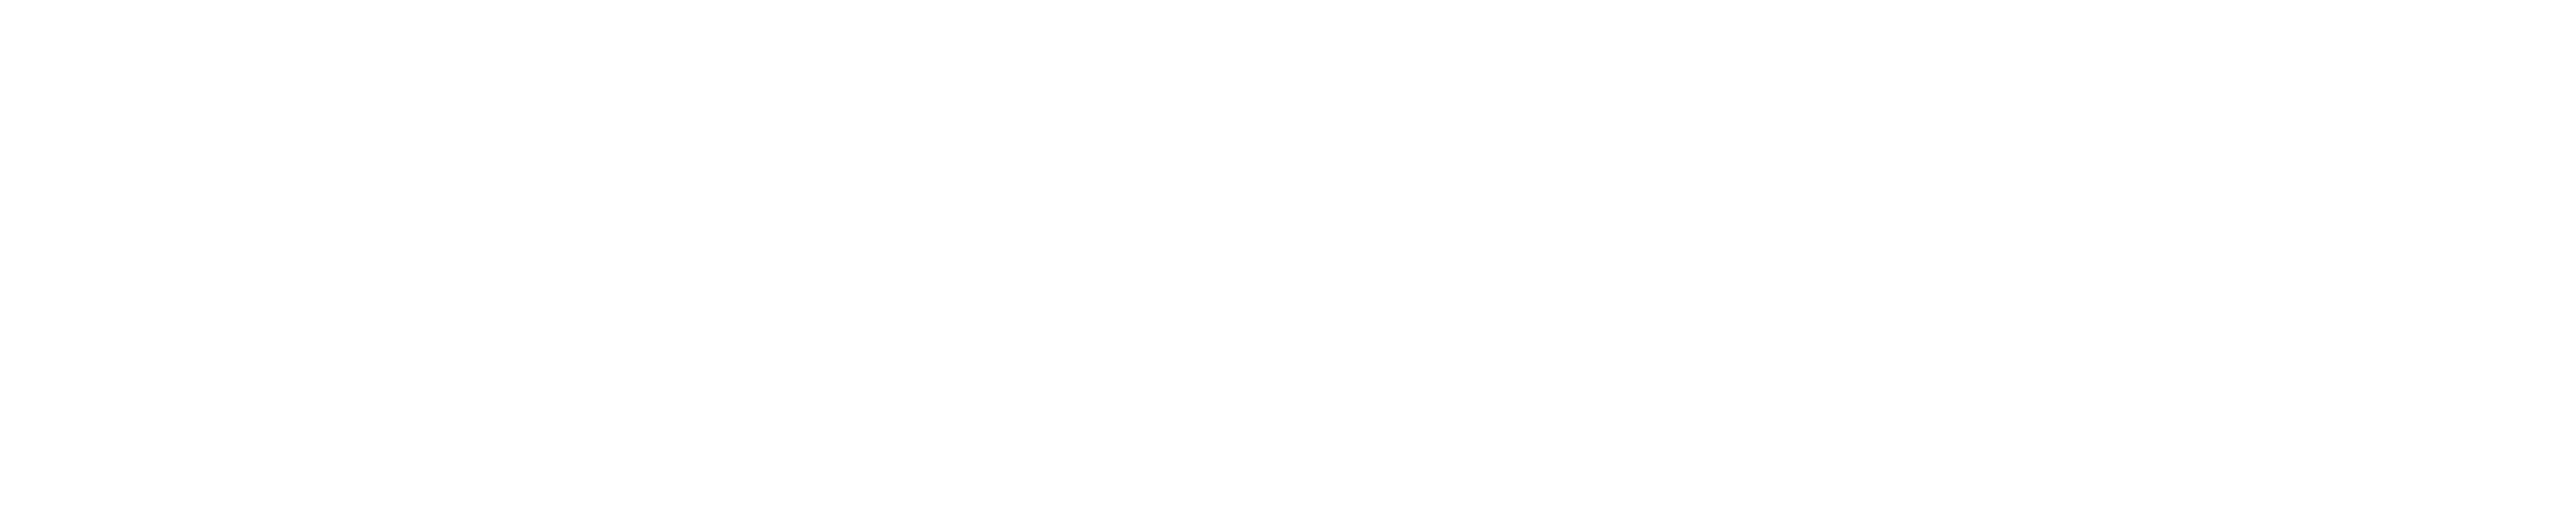 Västra Götalandsregionen Förvaltningen för kulturutvecklng